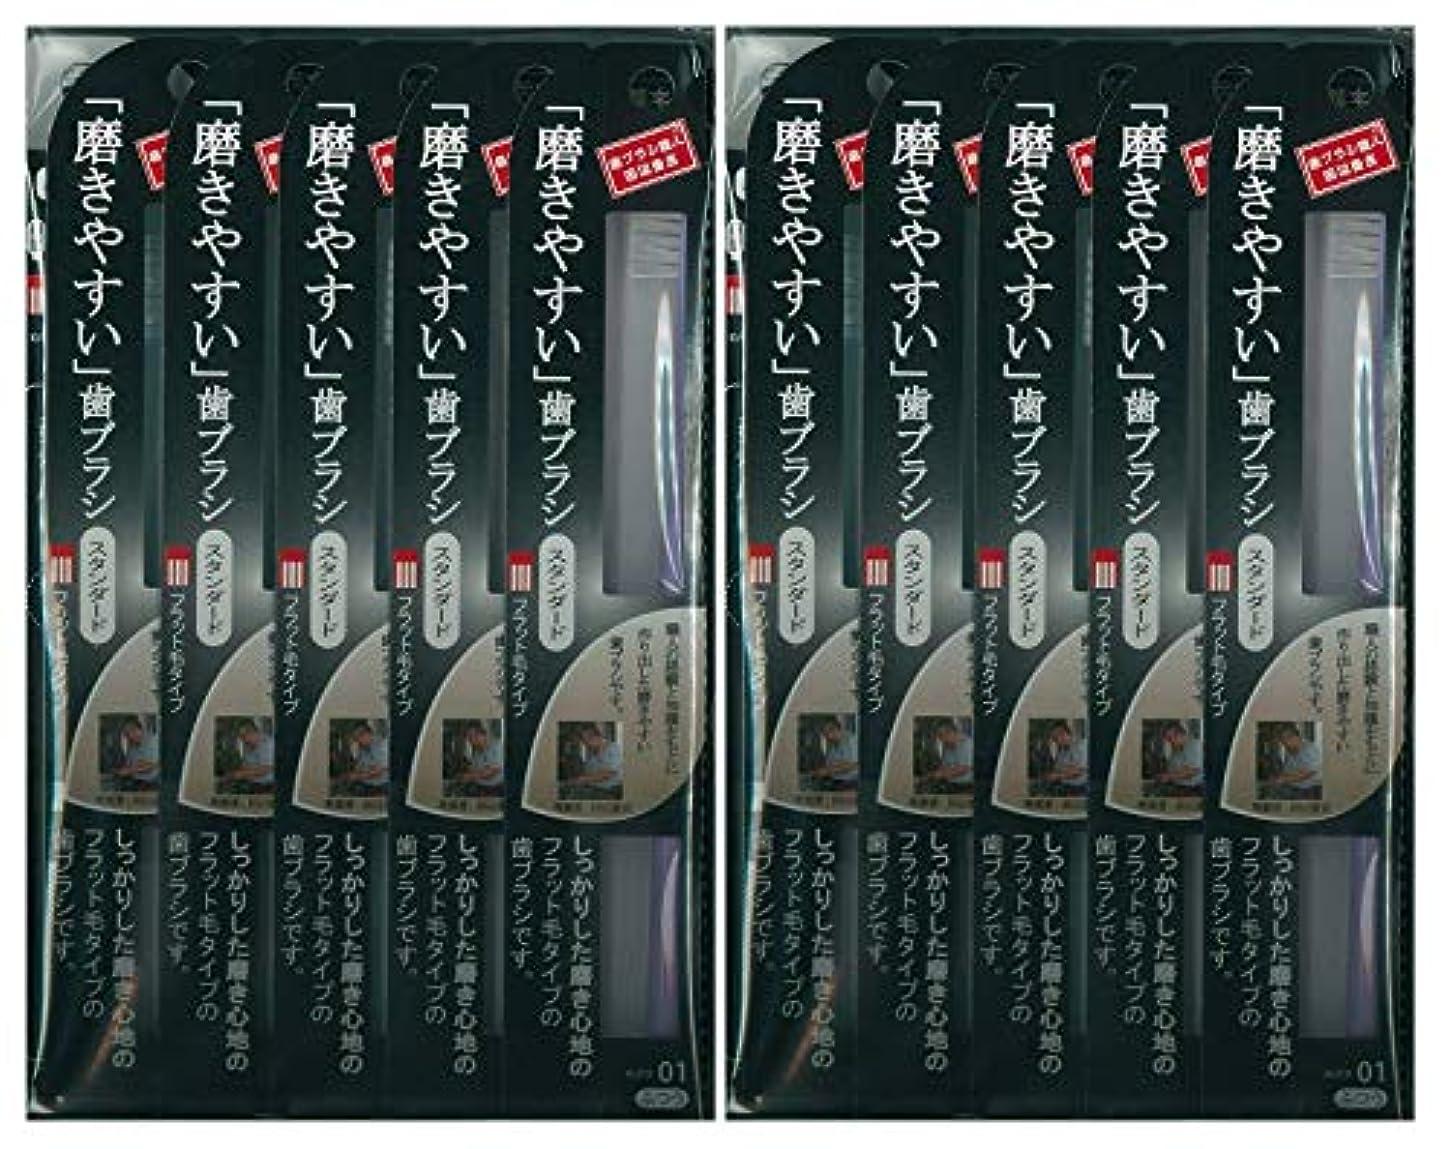 止まる救出バタフライ歯ブラシ職人 田辺重吉考案 磨きやすい歯ブラシ ふつう (フラット) LT-01 1本入×24本セット